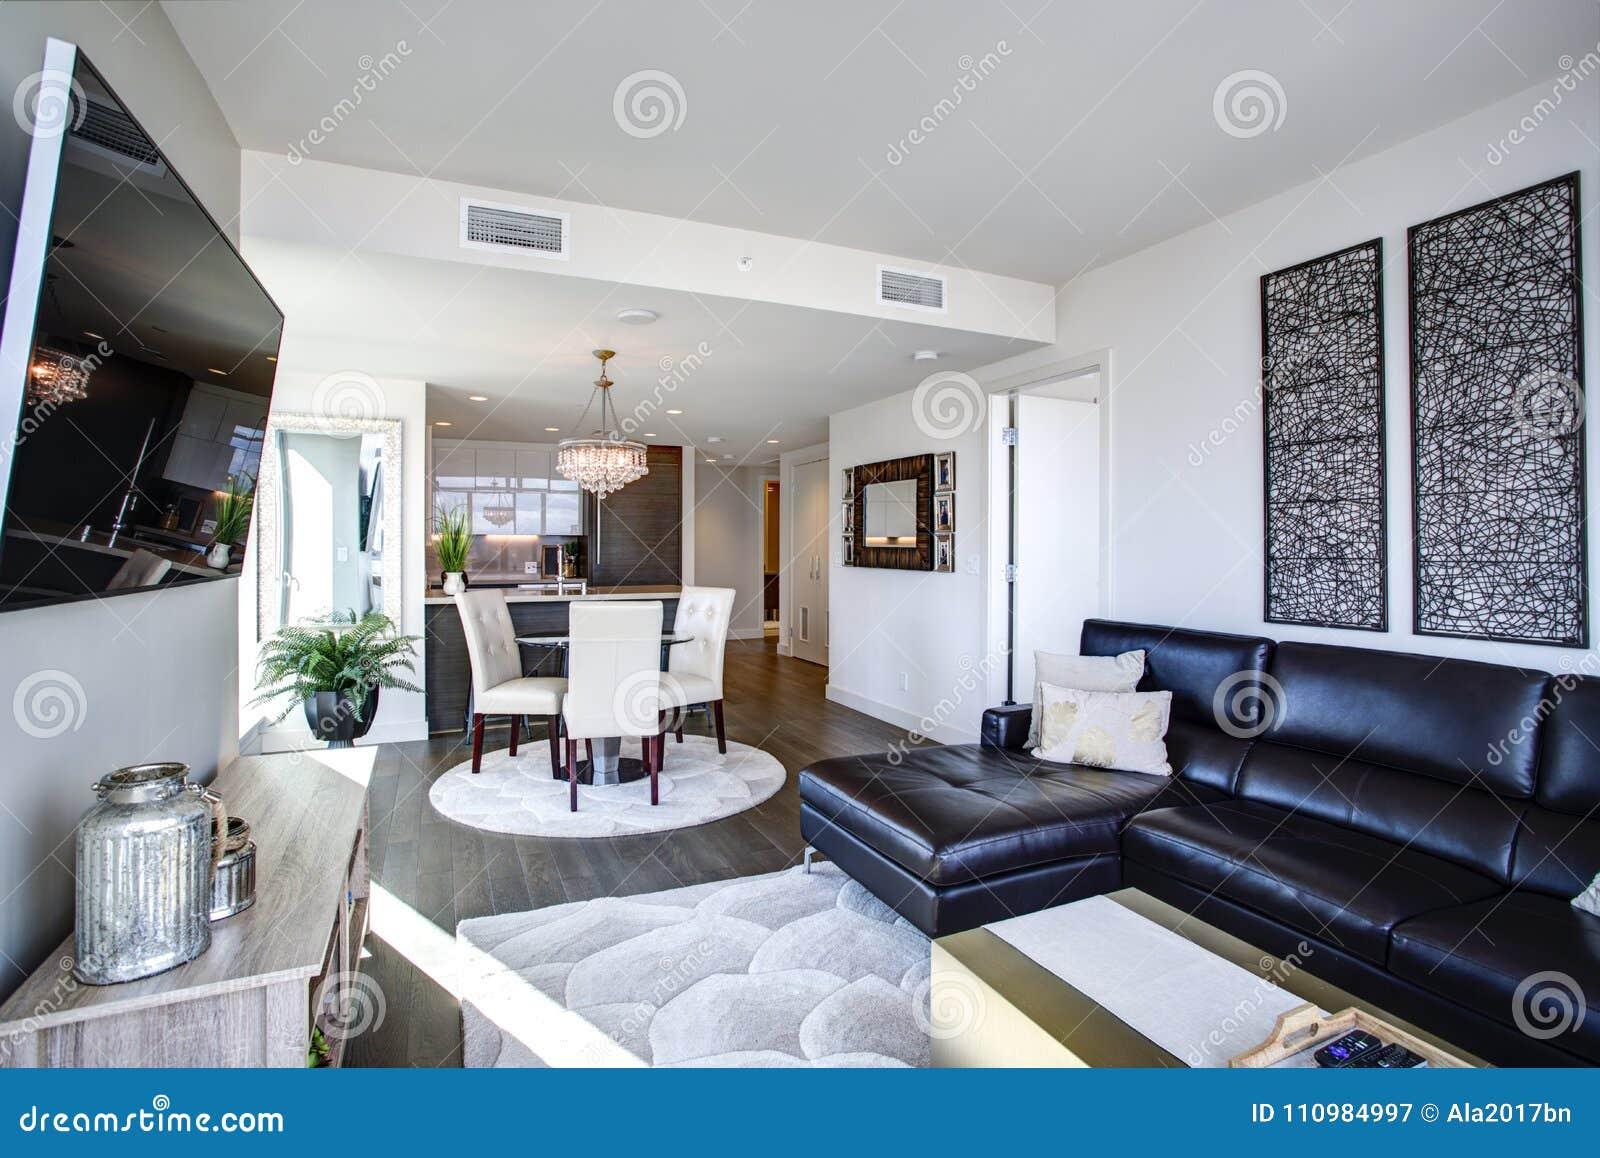 Svartvit vardagsrum med modern design